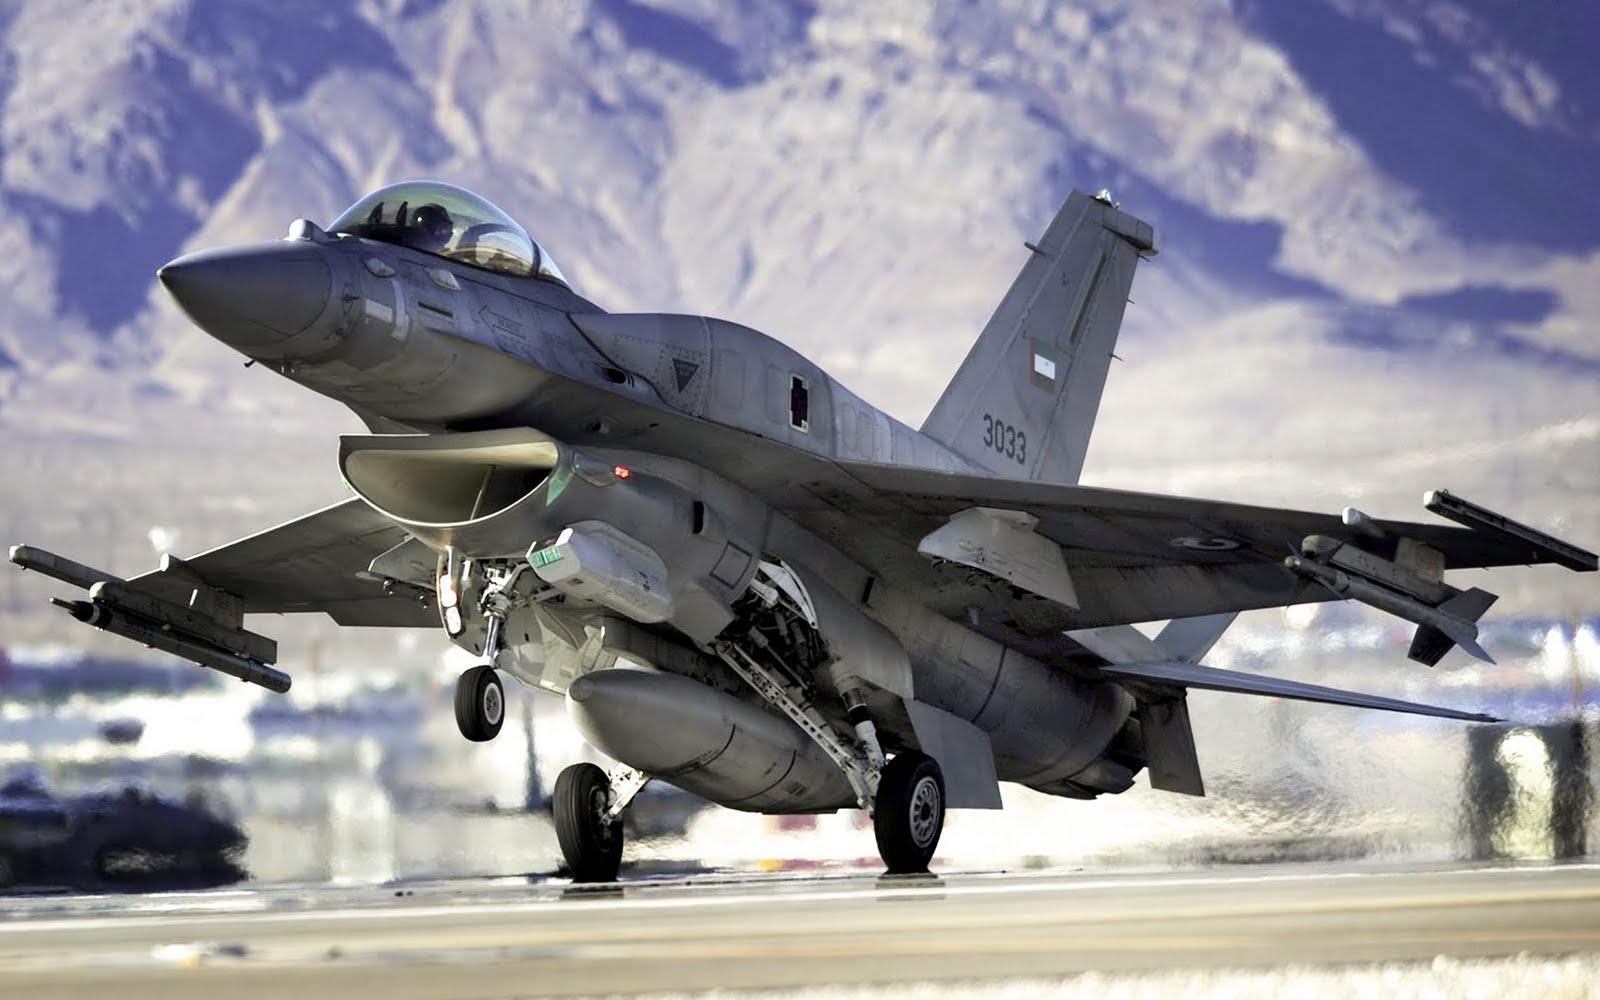 http://1.bp.blogspot.com/-h2ZKGGxFXMw/TtjpFR51J3I/AAAAAAAACD0/7pX0z4CtAss/s1600/Fighter%2BJets%2BWallpaper%2BDownload%2BAircraft%2BWallpapers%2BFree%2B%25282%2529.jpg